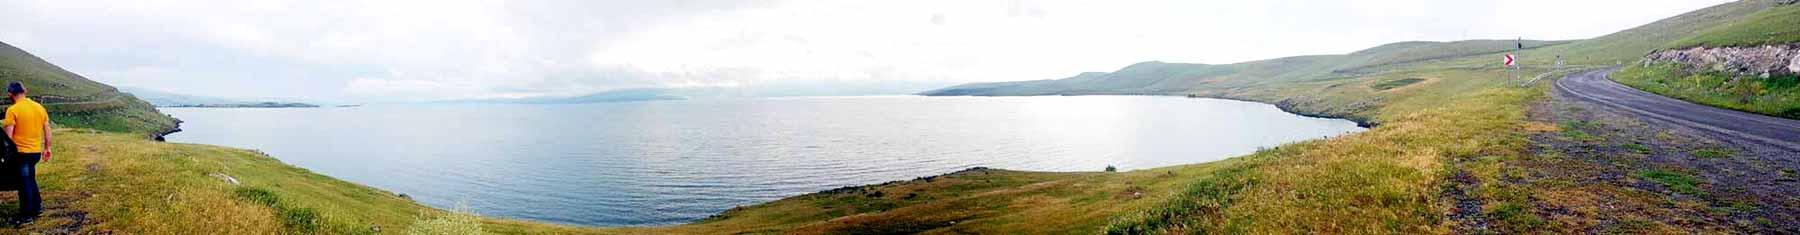 çıldır-gölü-panaromik